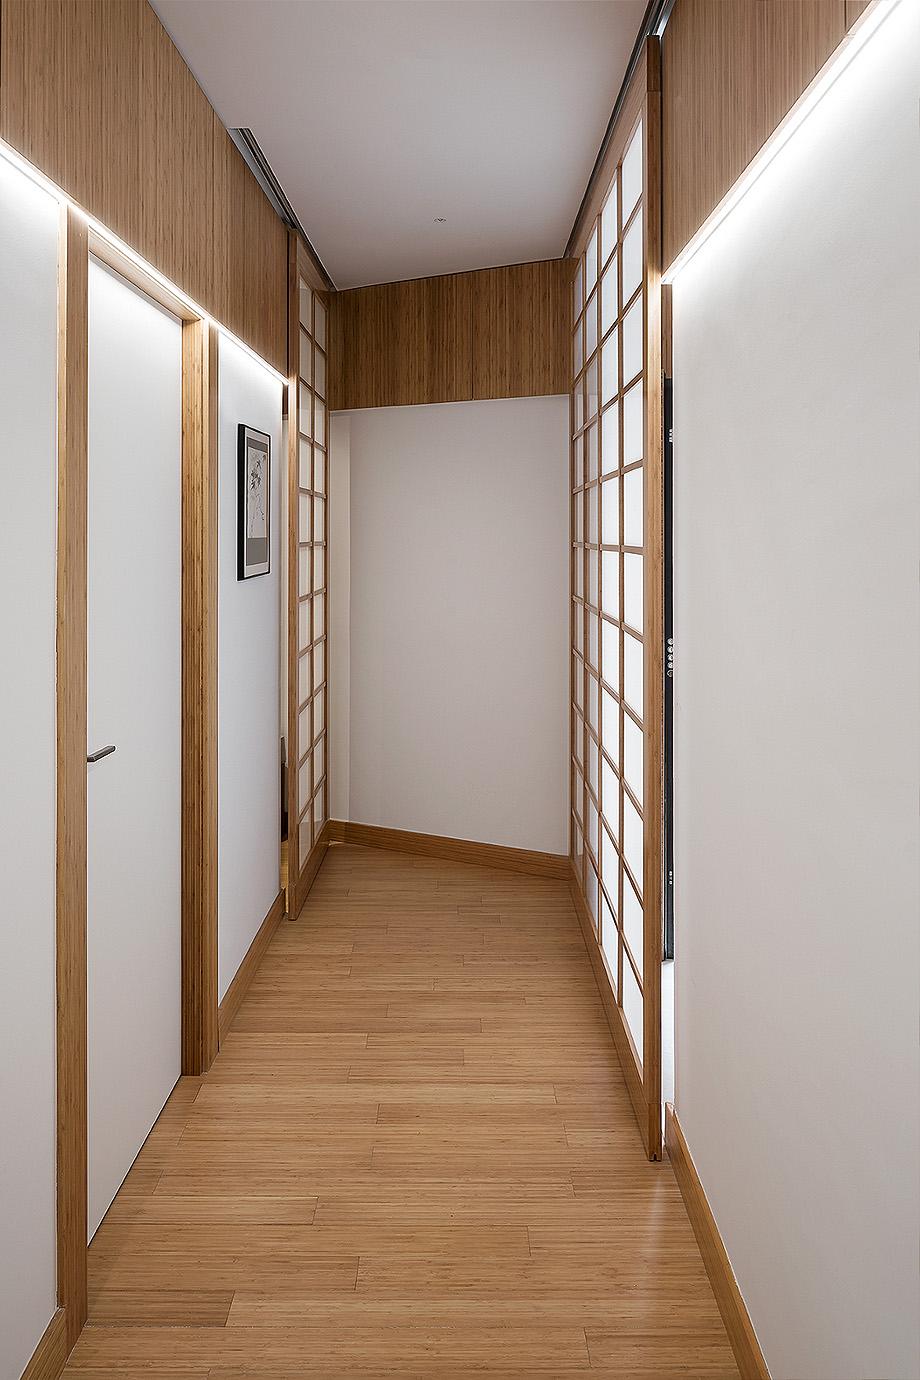 centro oftalmológico de nan arquitectos - foto ivan casal nieto (13)